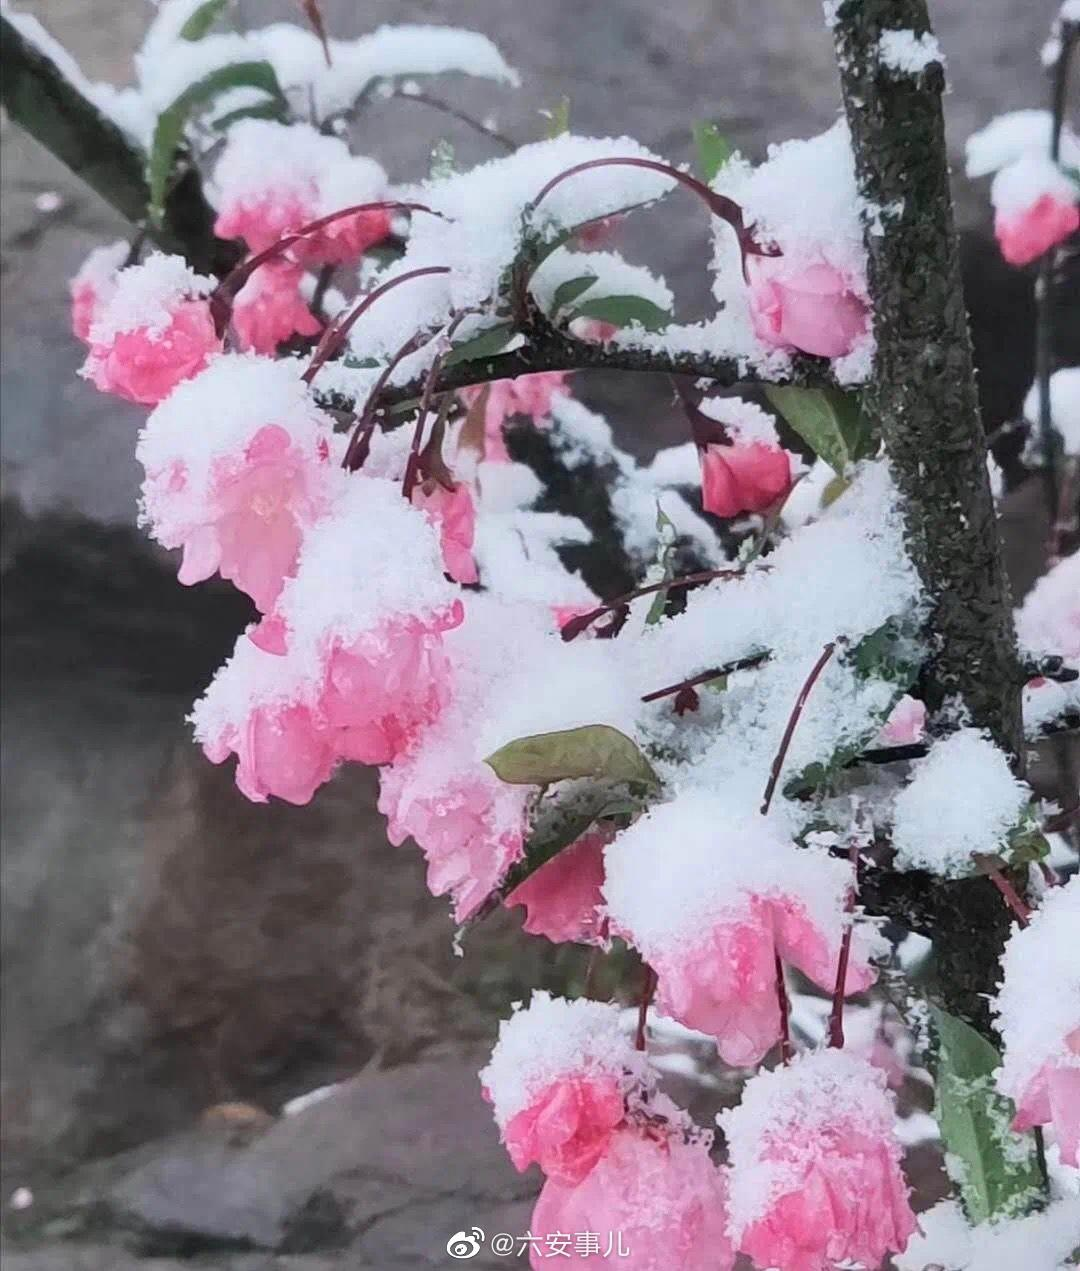 霍山下雪了!欣赏一波雪景